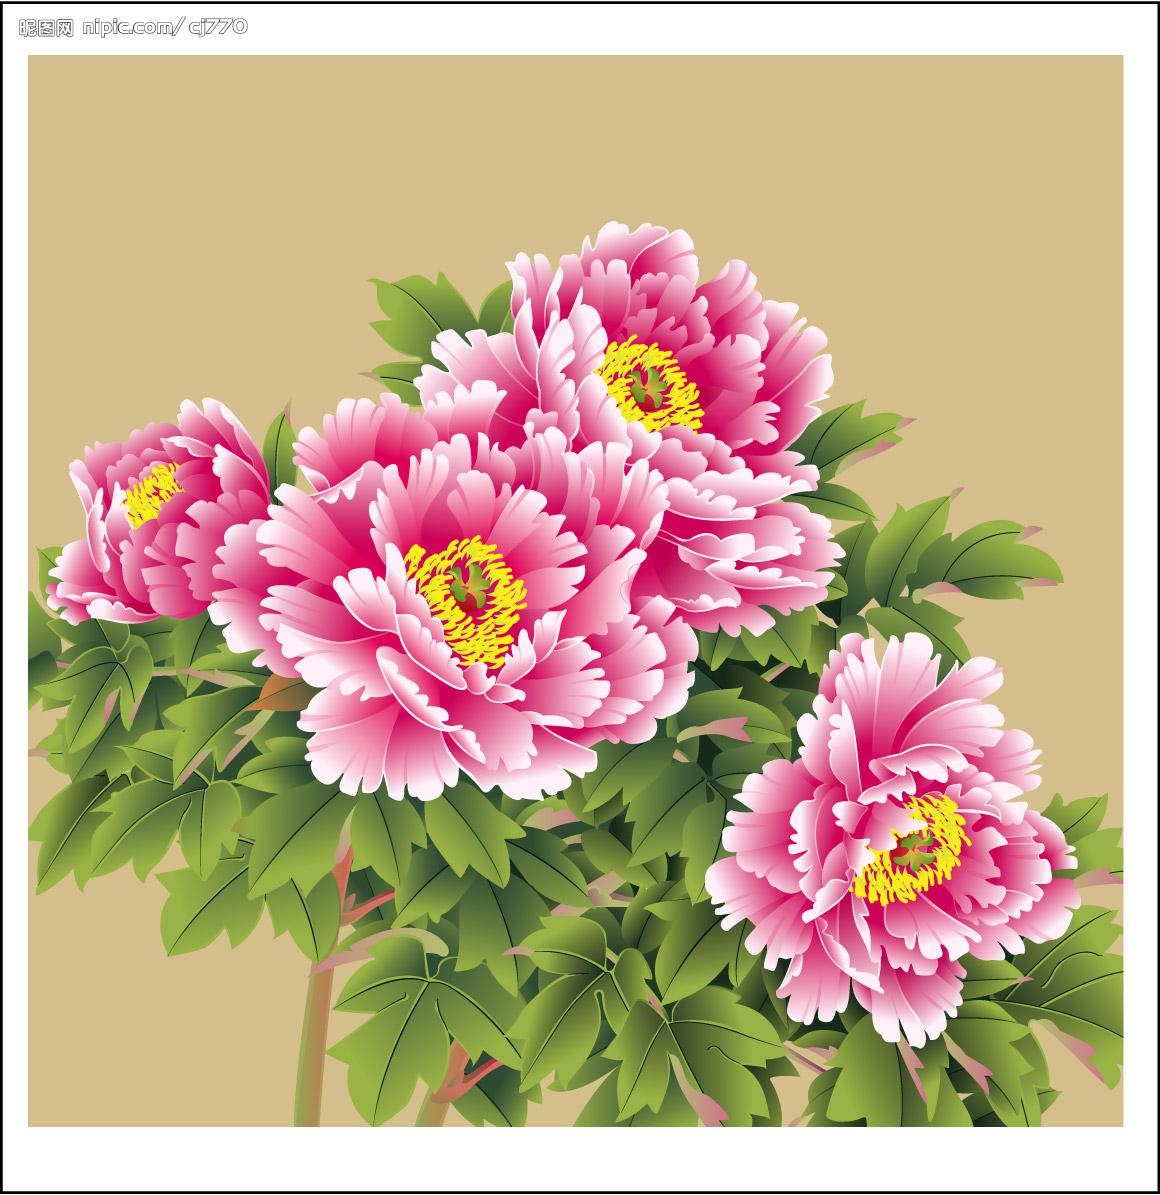 描写花的成语 有关花的词语